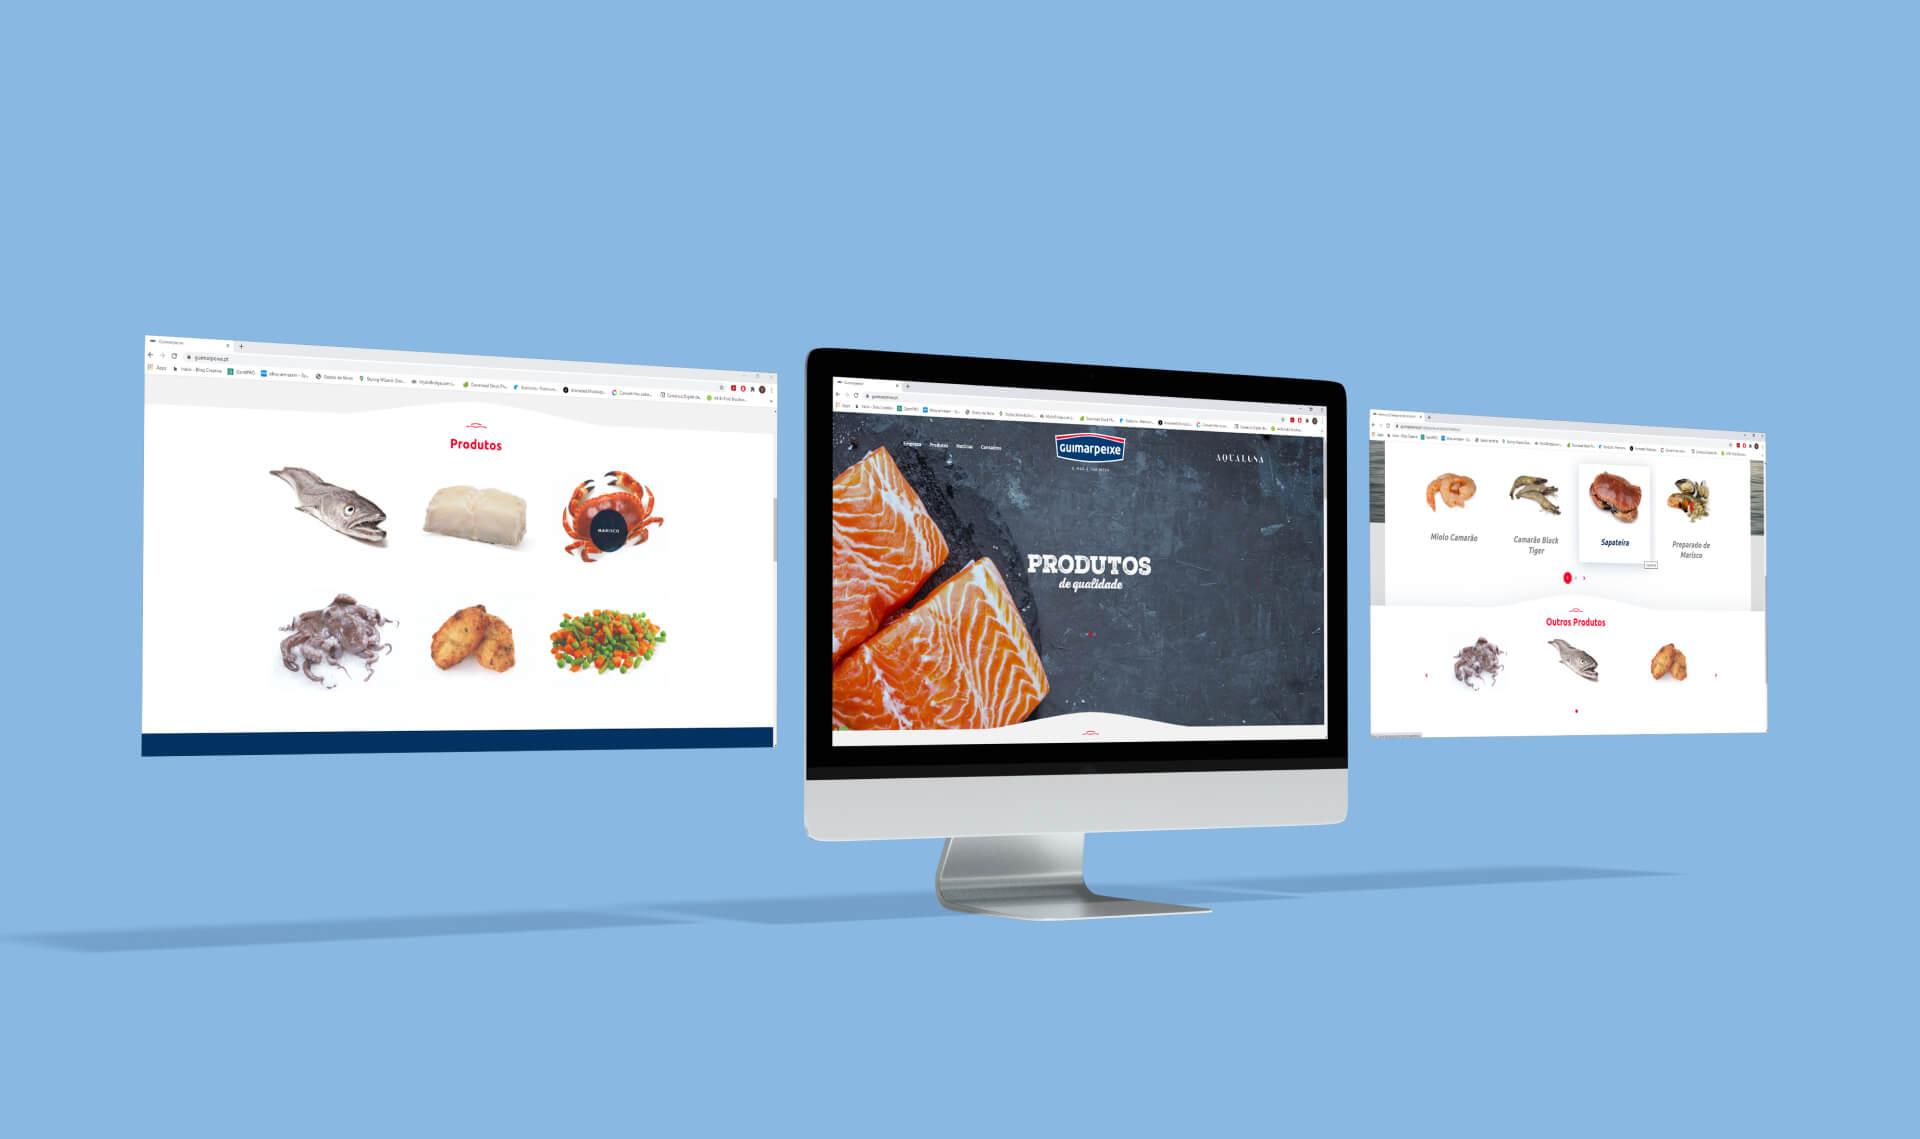 Páginas do website da Guimarpeixe